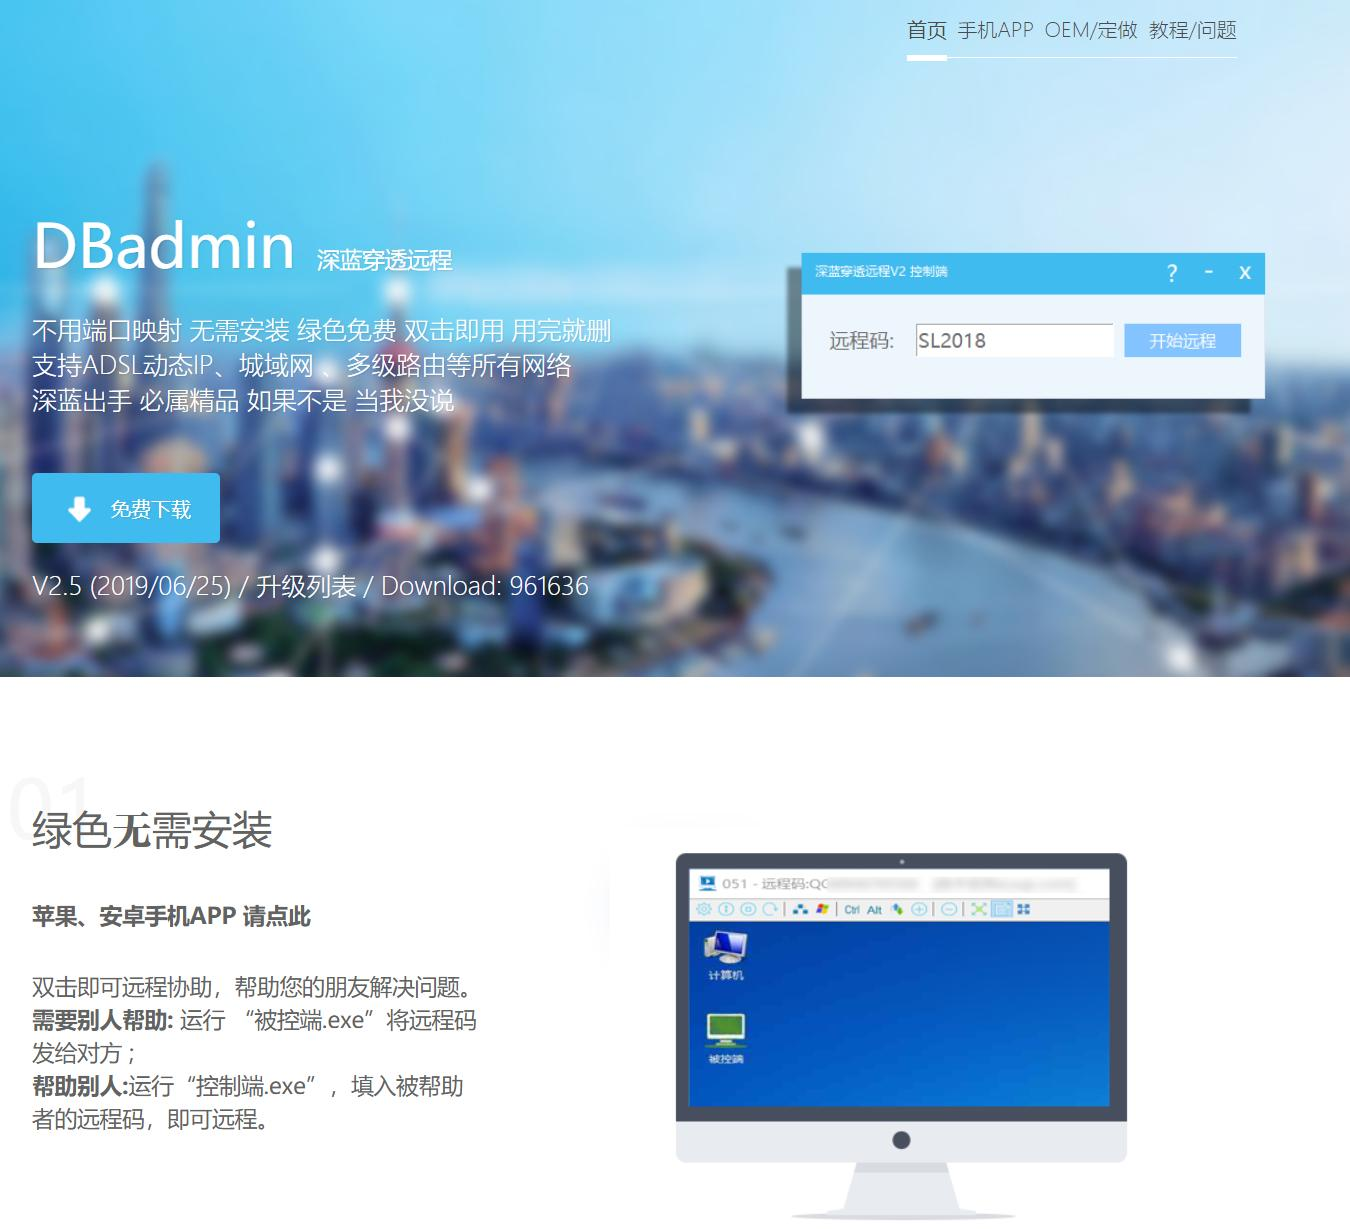 DBadmin深蓝穿透远程软件